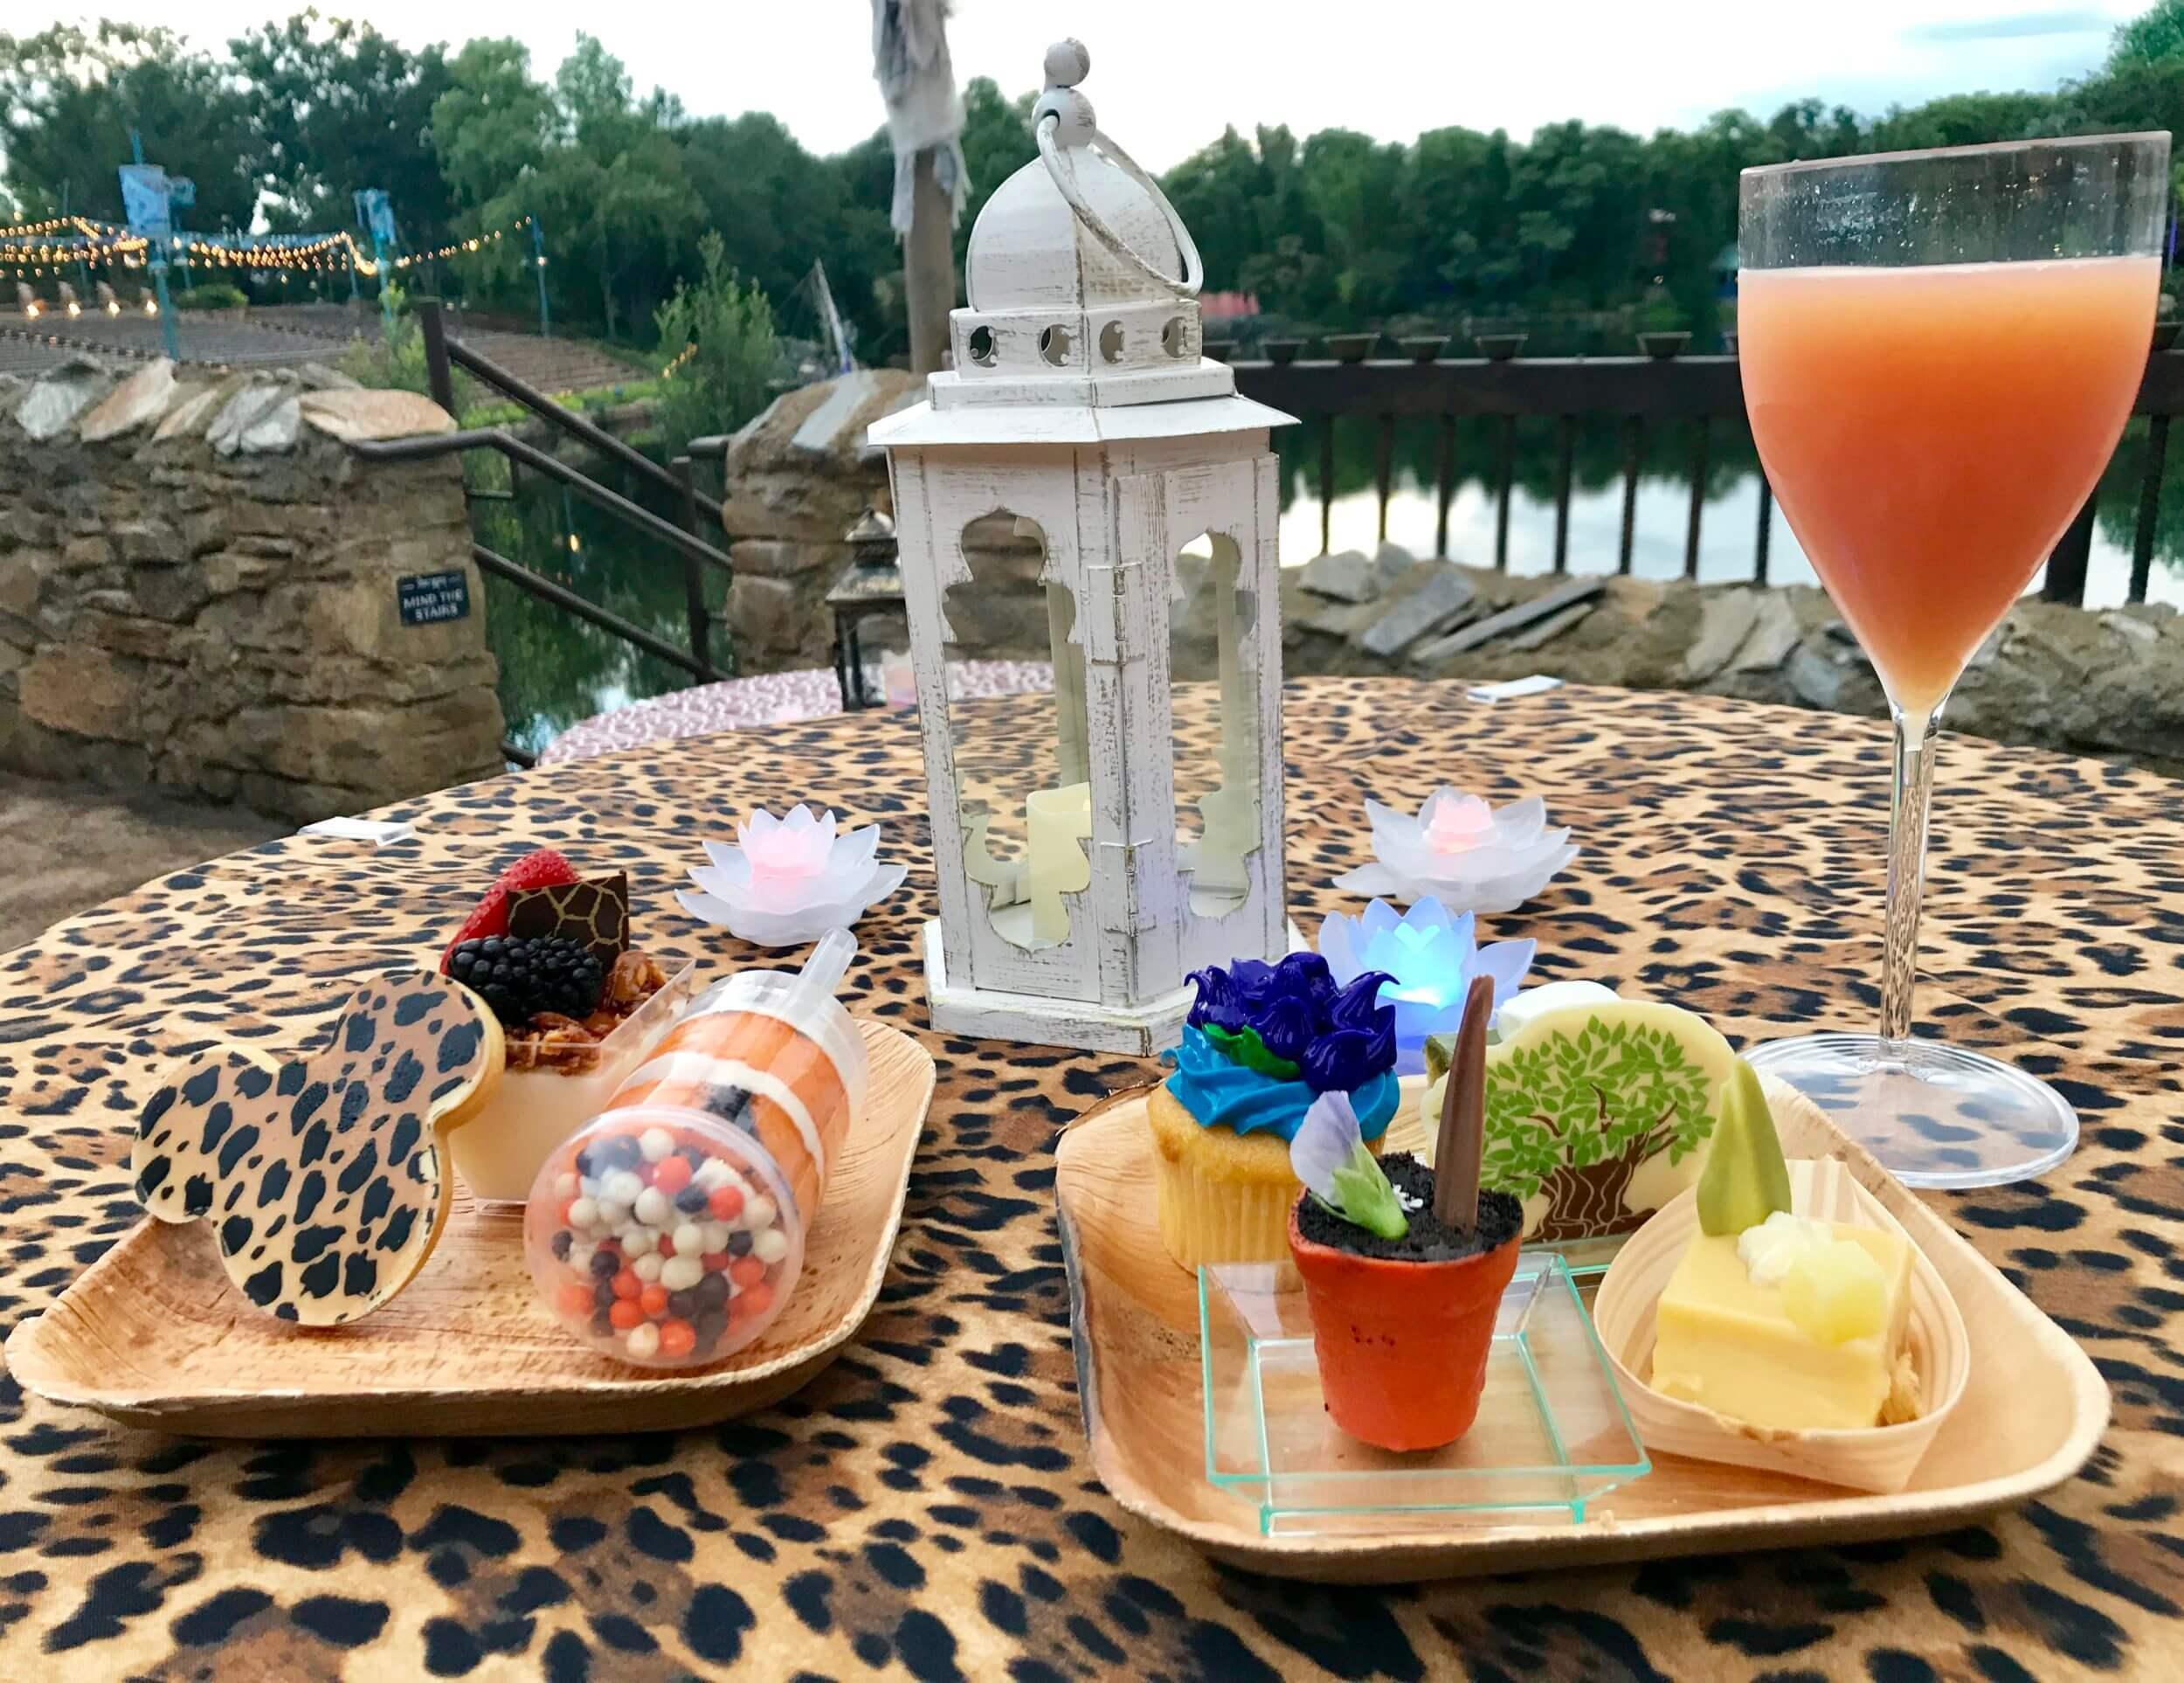 Buffet de sobremesas do show Rivers of Light na Disney Orlando: pratos